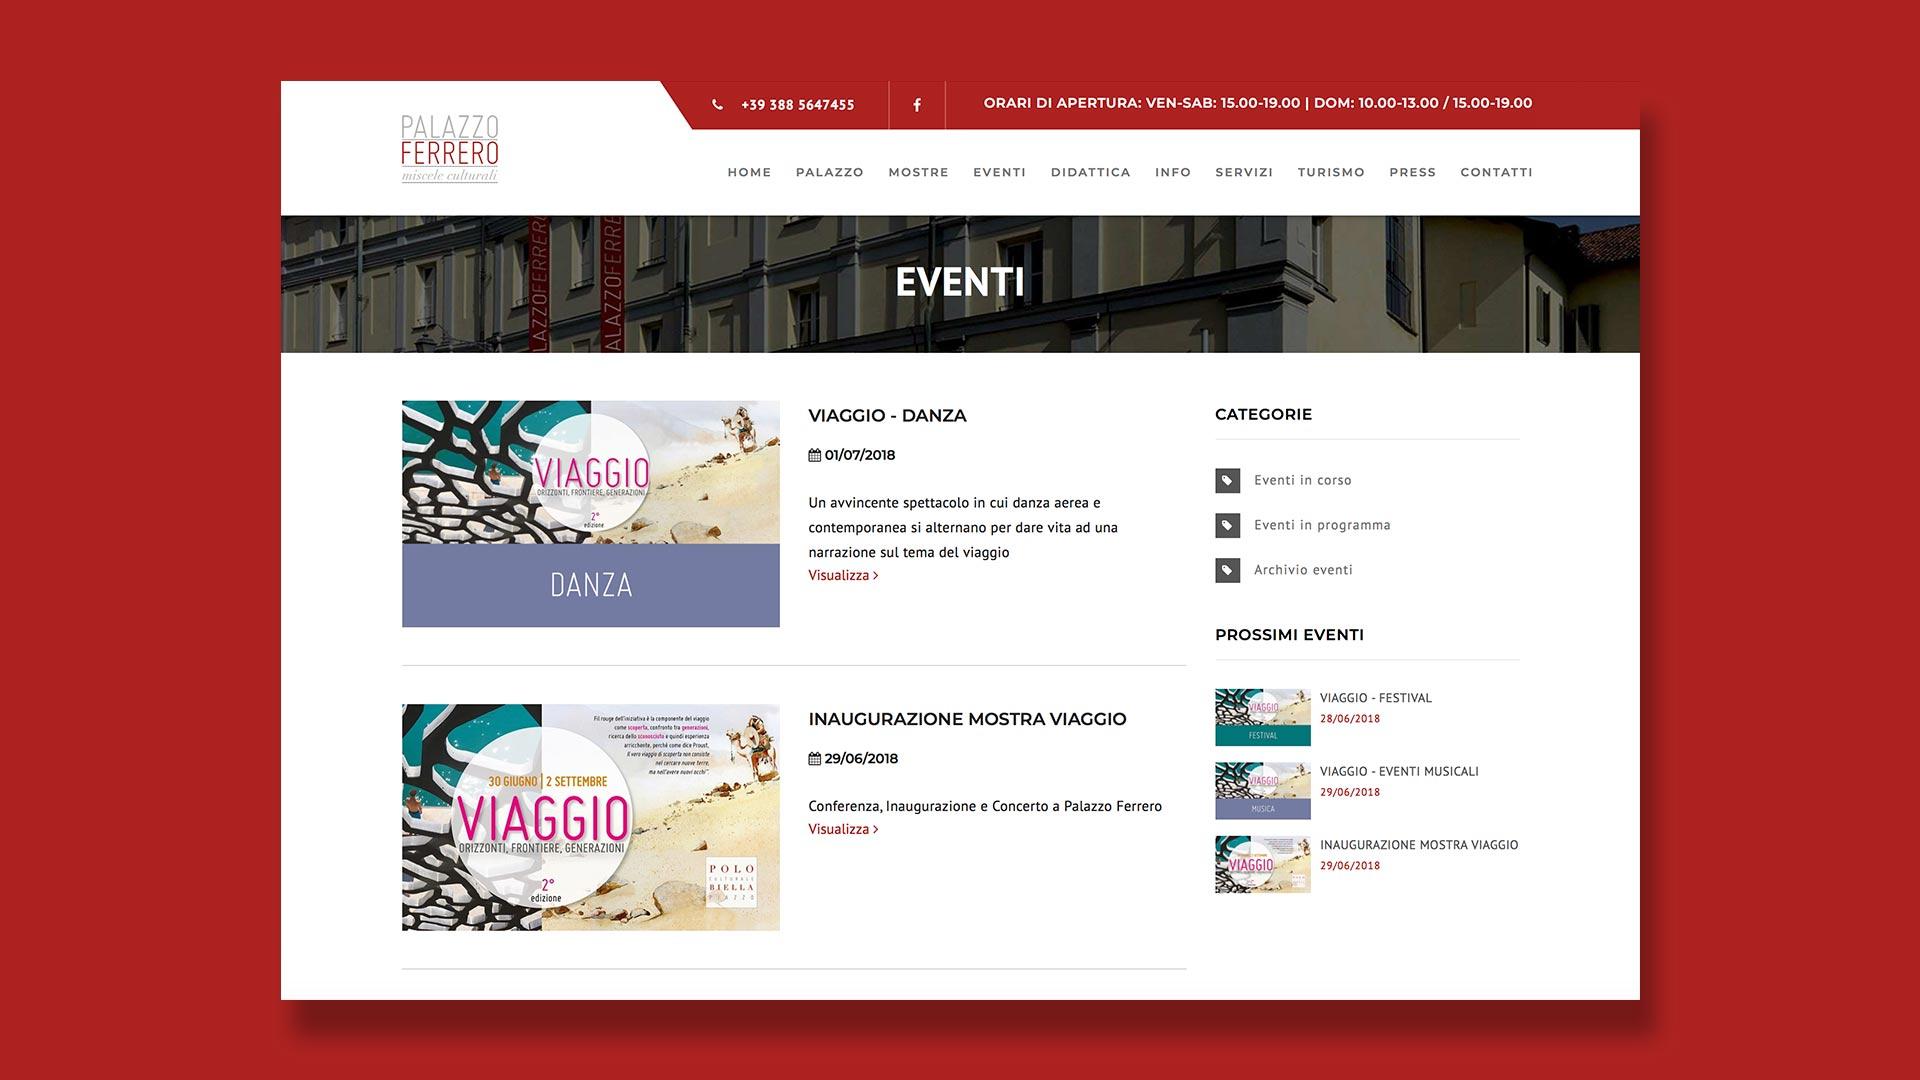 Sito Web di Palazzo Ferrero realizzato da OrangePix a Biella